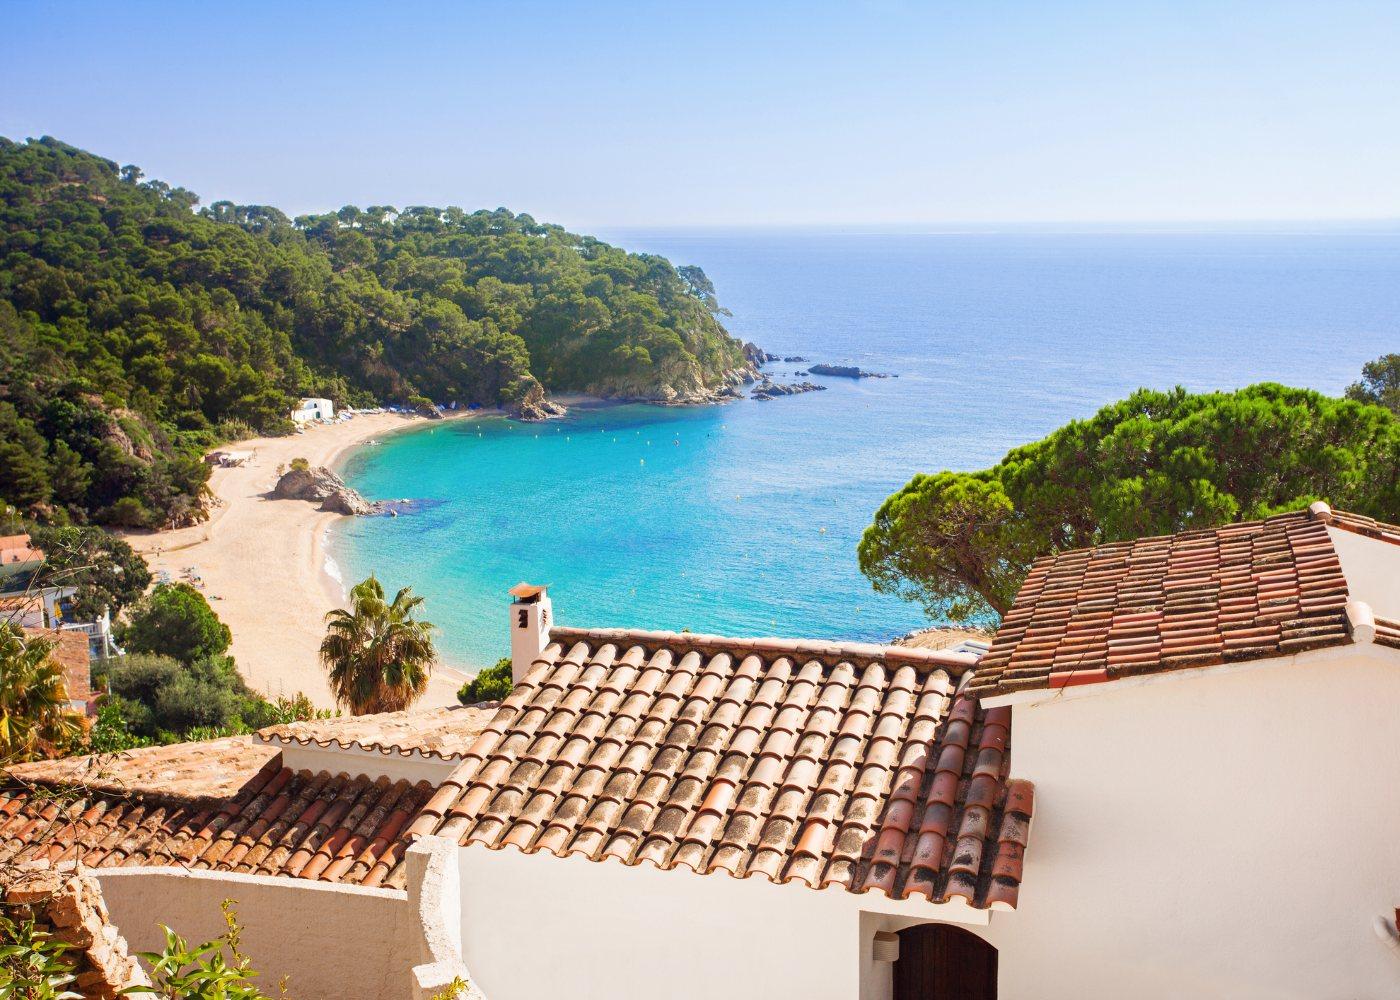 Casa de férias junto ao mar